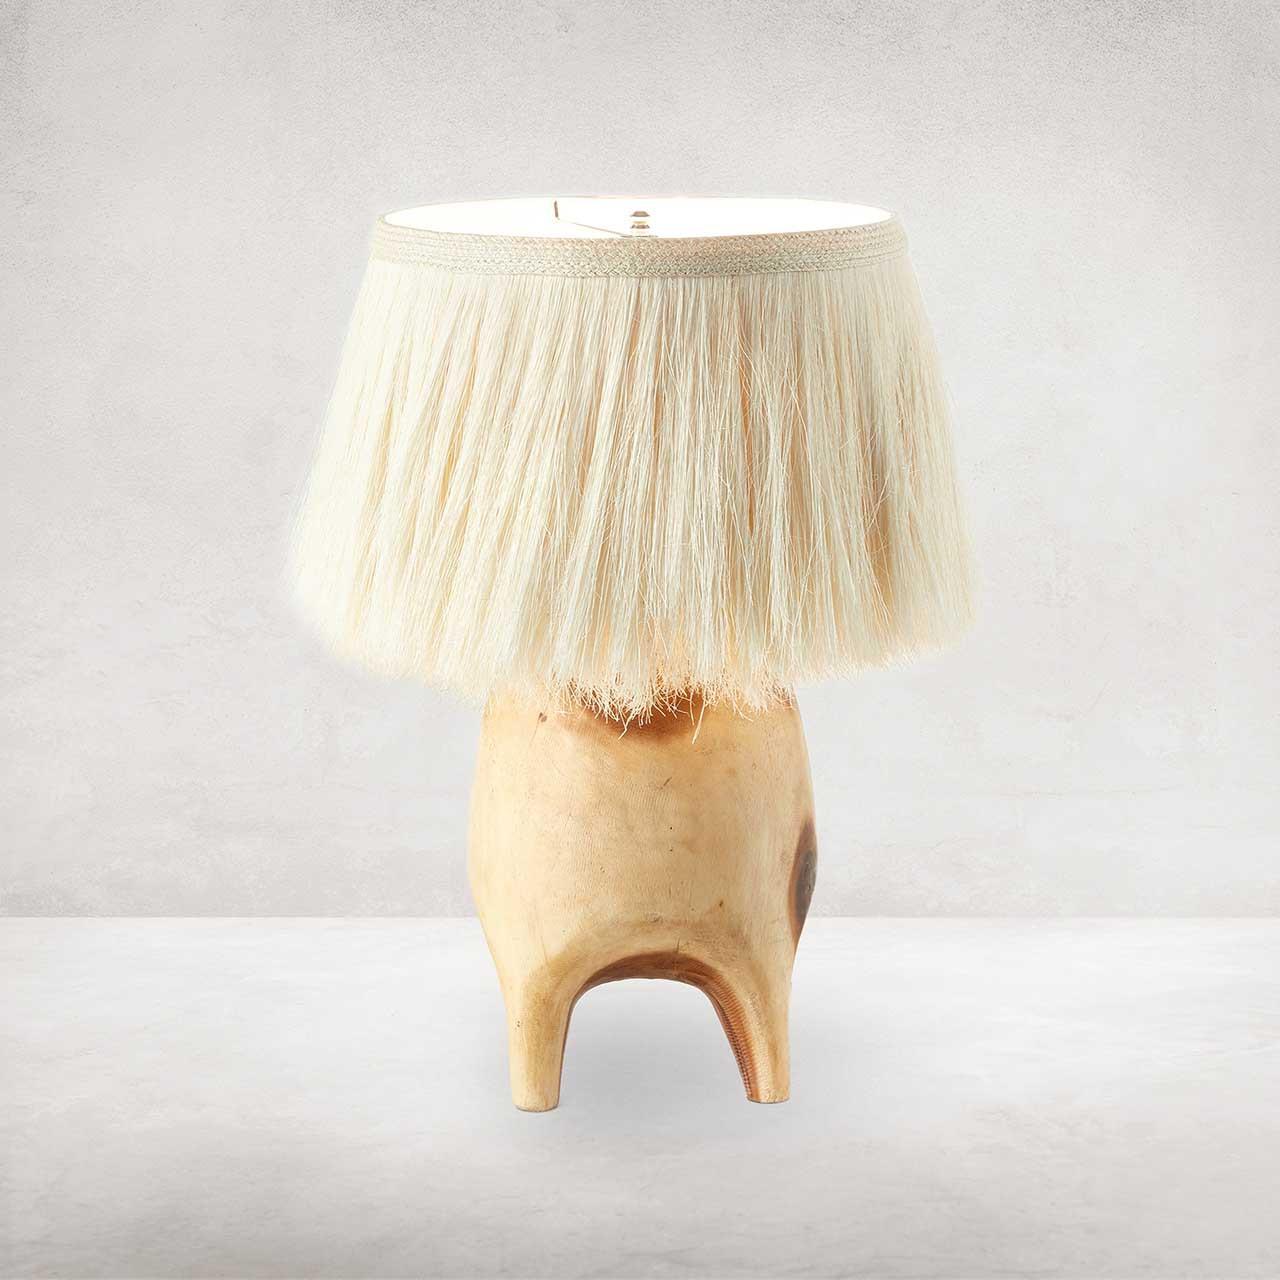 Apsara Table Lamp - Natural